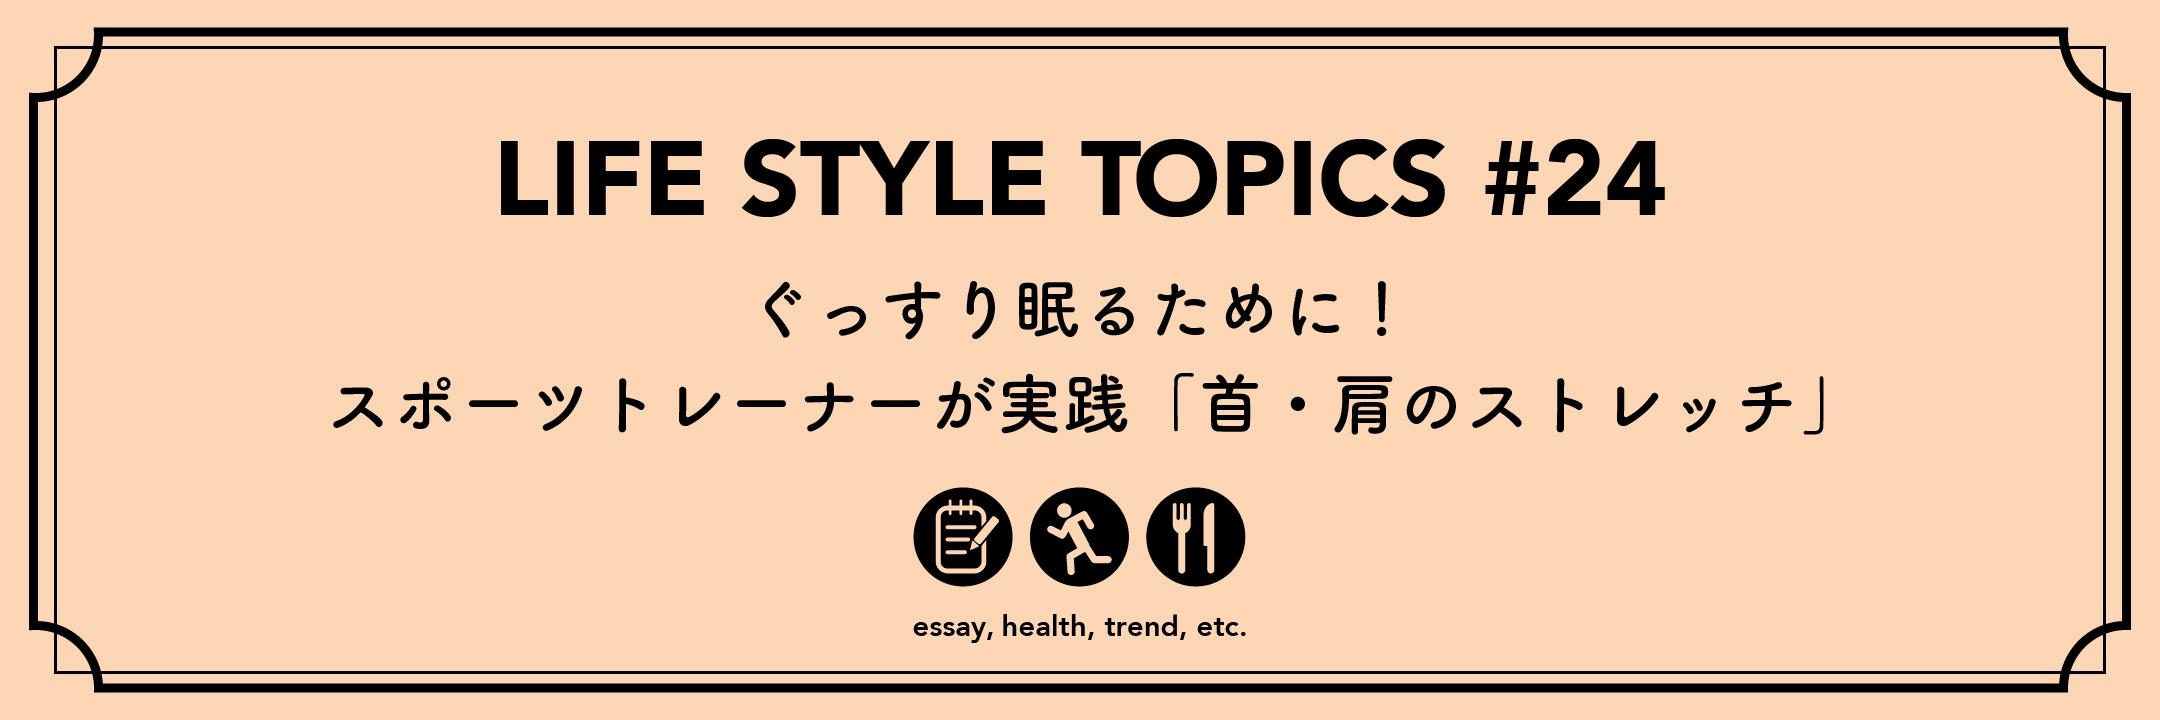 ー  Life Style Topics ー【ぐっすり眠るために!スポーツトレーナーが実践「首・肩のストレッチ」】